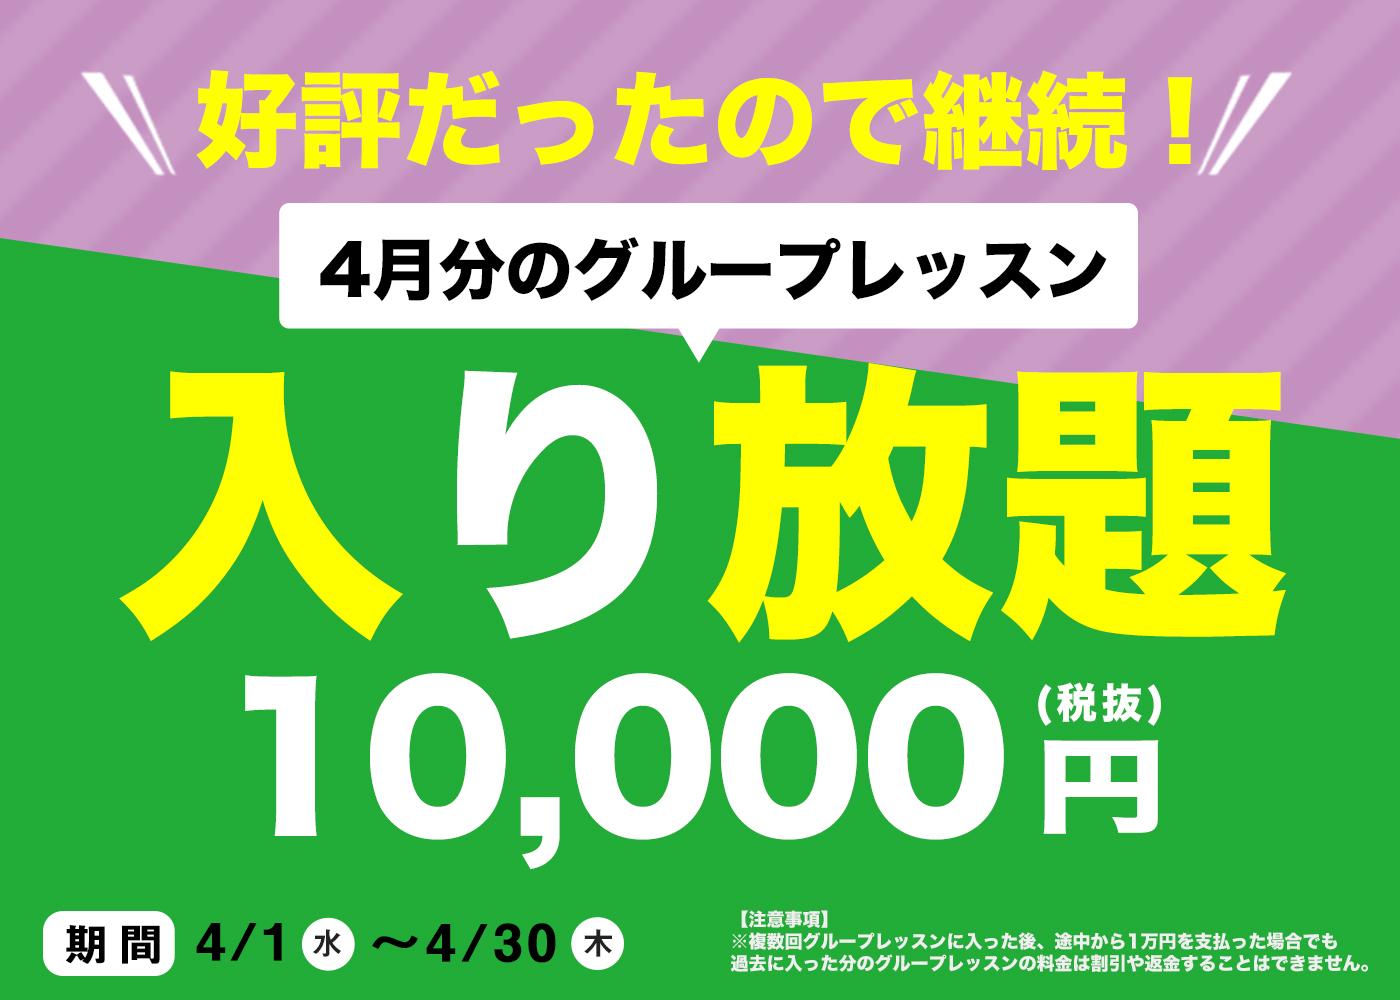 【4月も継続】1万円でグループレッスン入り放題!!